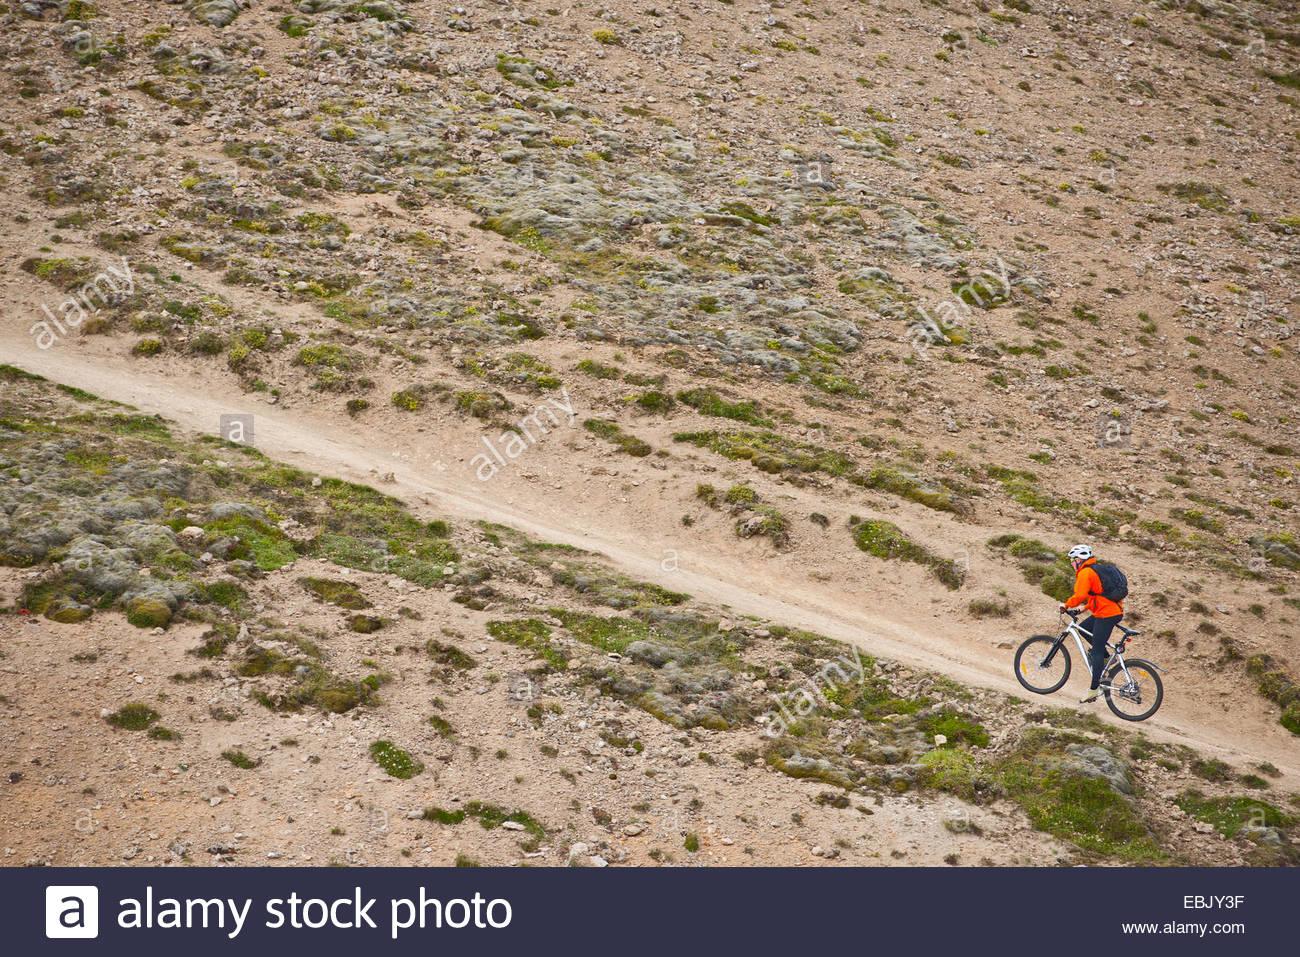 Vélo VTT homme raide de dirt track, vallée de Reykjadalur, au sud-ouest de l'Islande Photo Stock